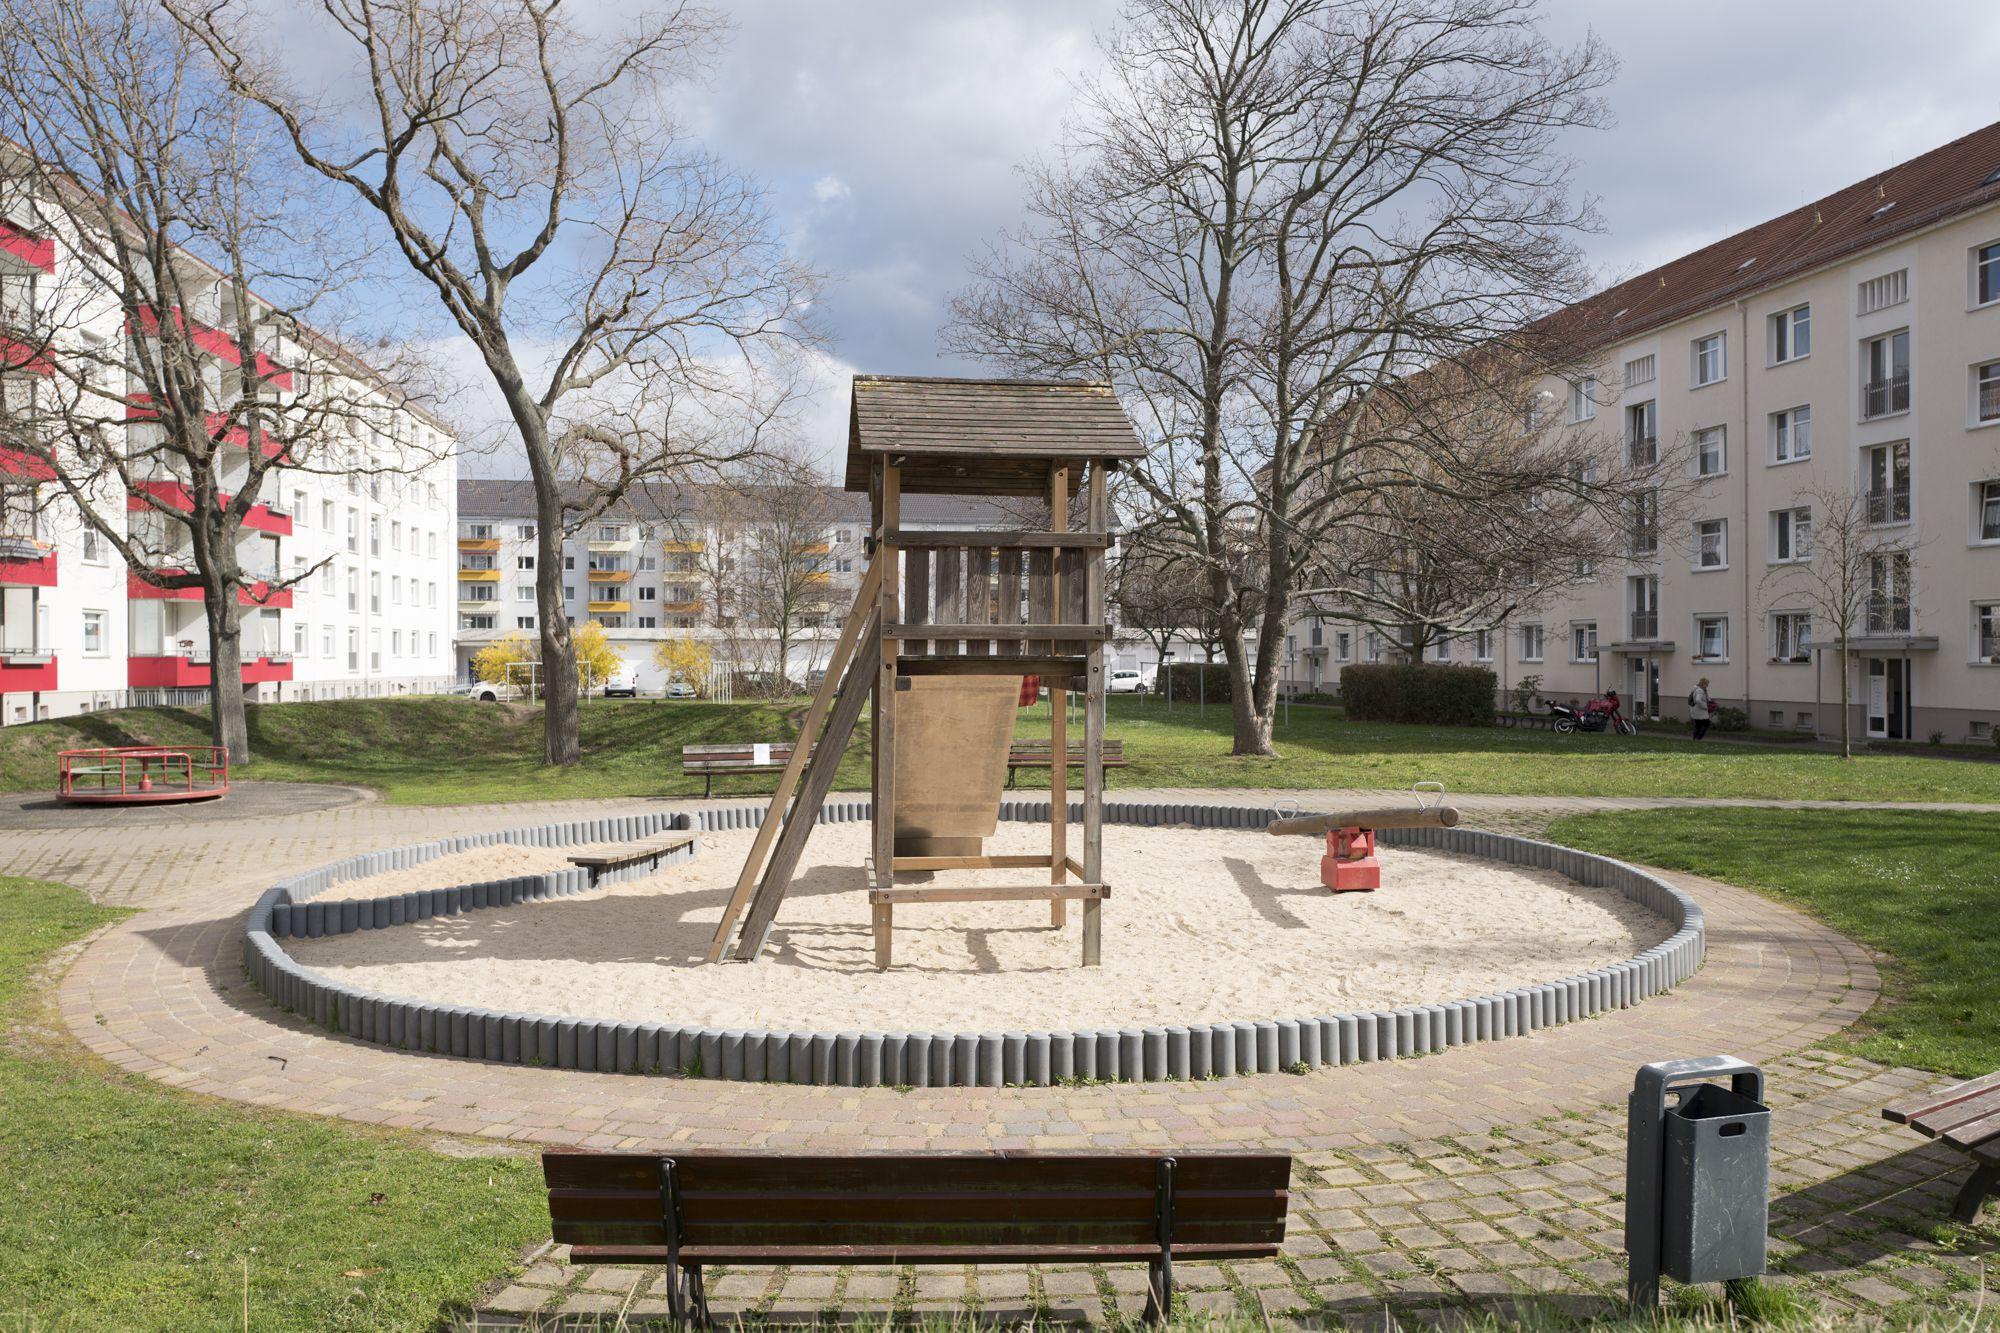 Spielplätze - Harald Kannwischer 04